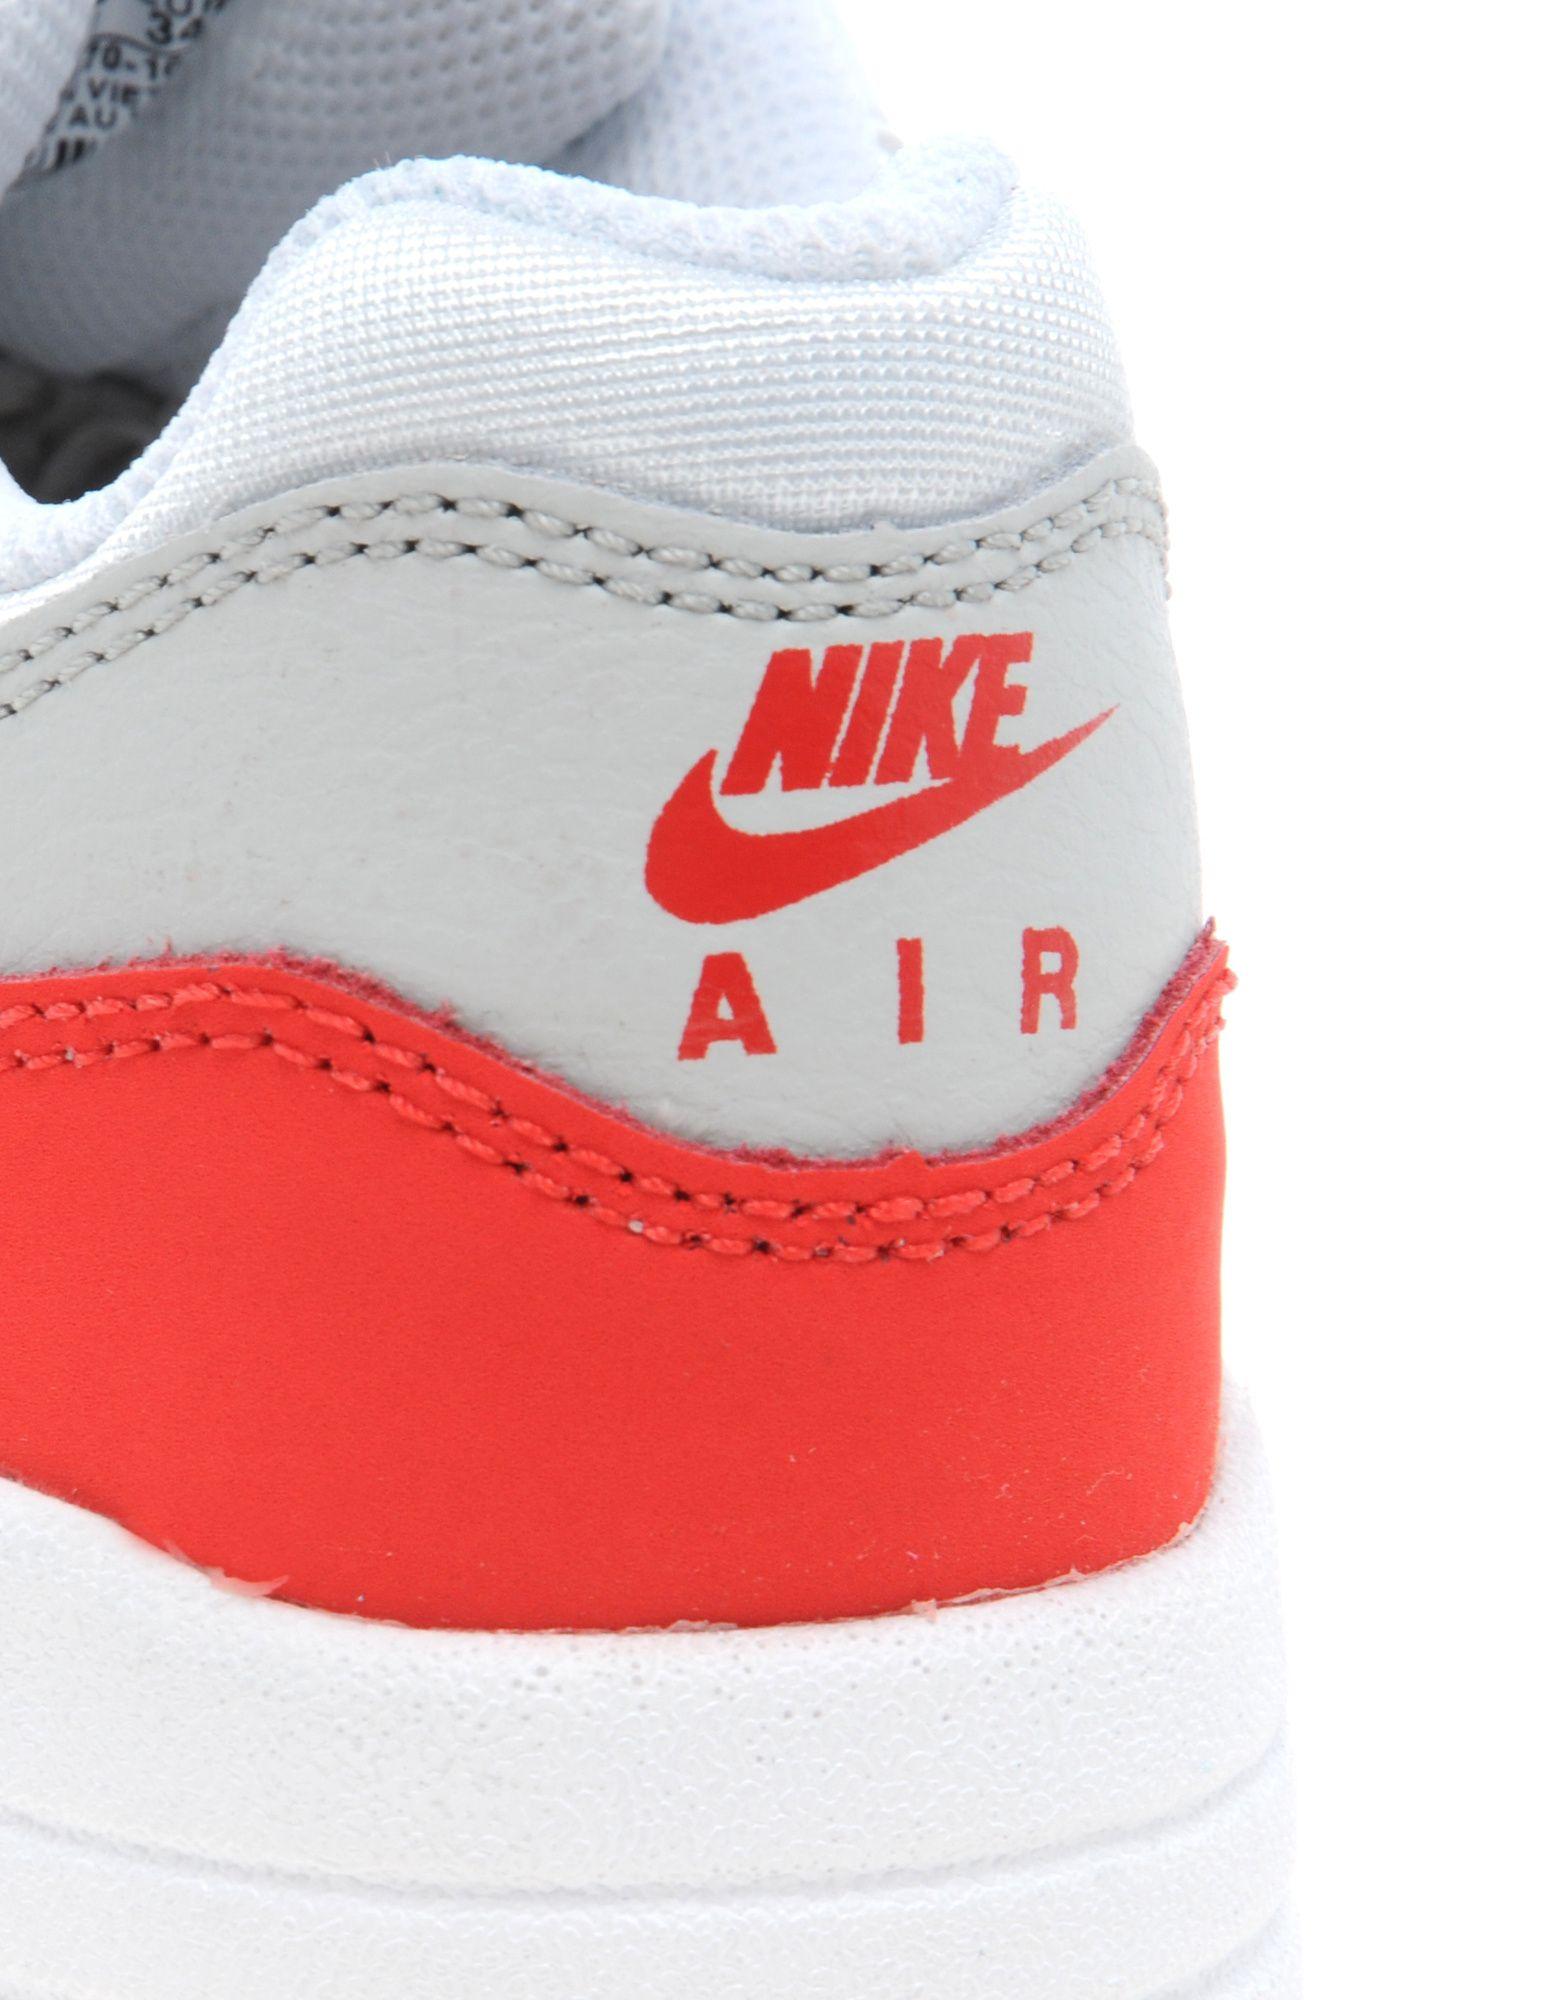 Nike Air Max 1 Children